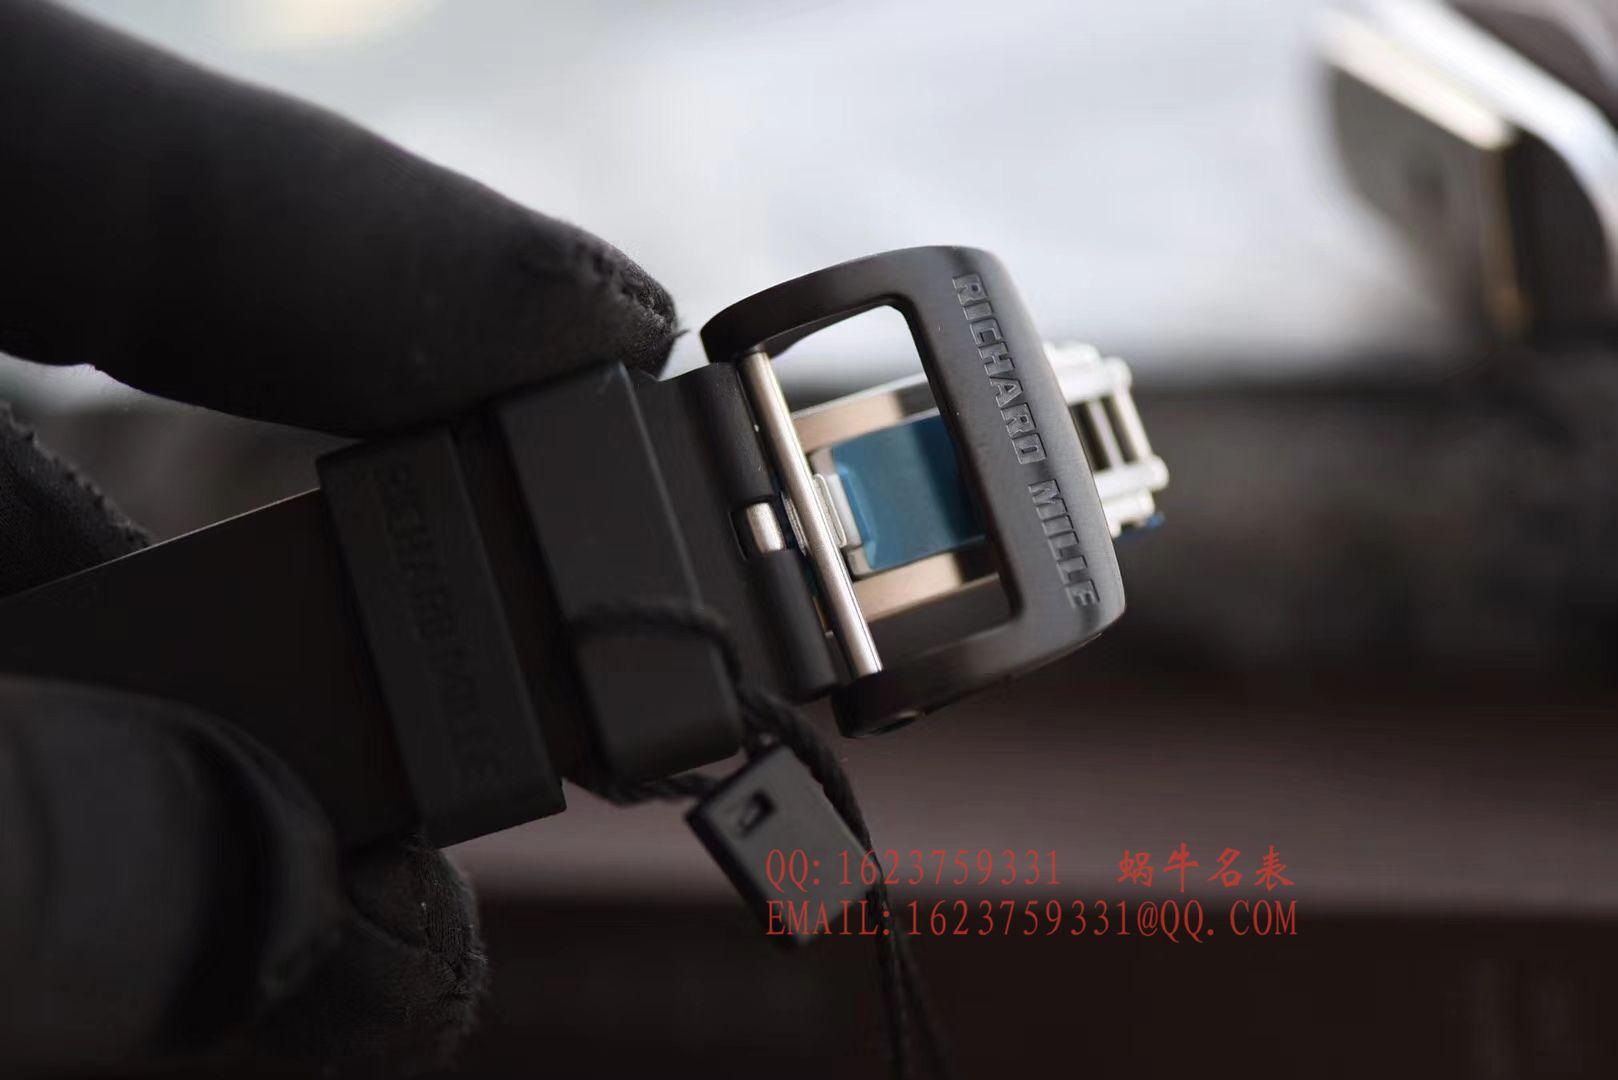 【独家视频评测KV厂顶级复刻手表】理查德.米勒RICHARD MILLE男士系列RM023-02立体鹰雕图案腕表 / RM 023-2